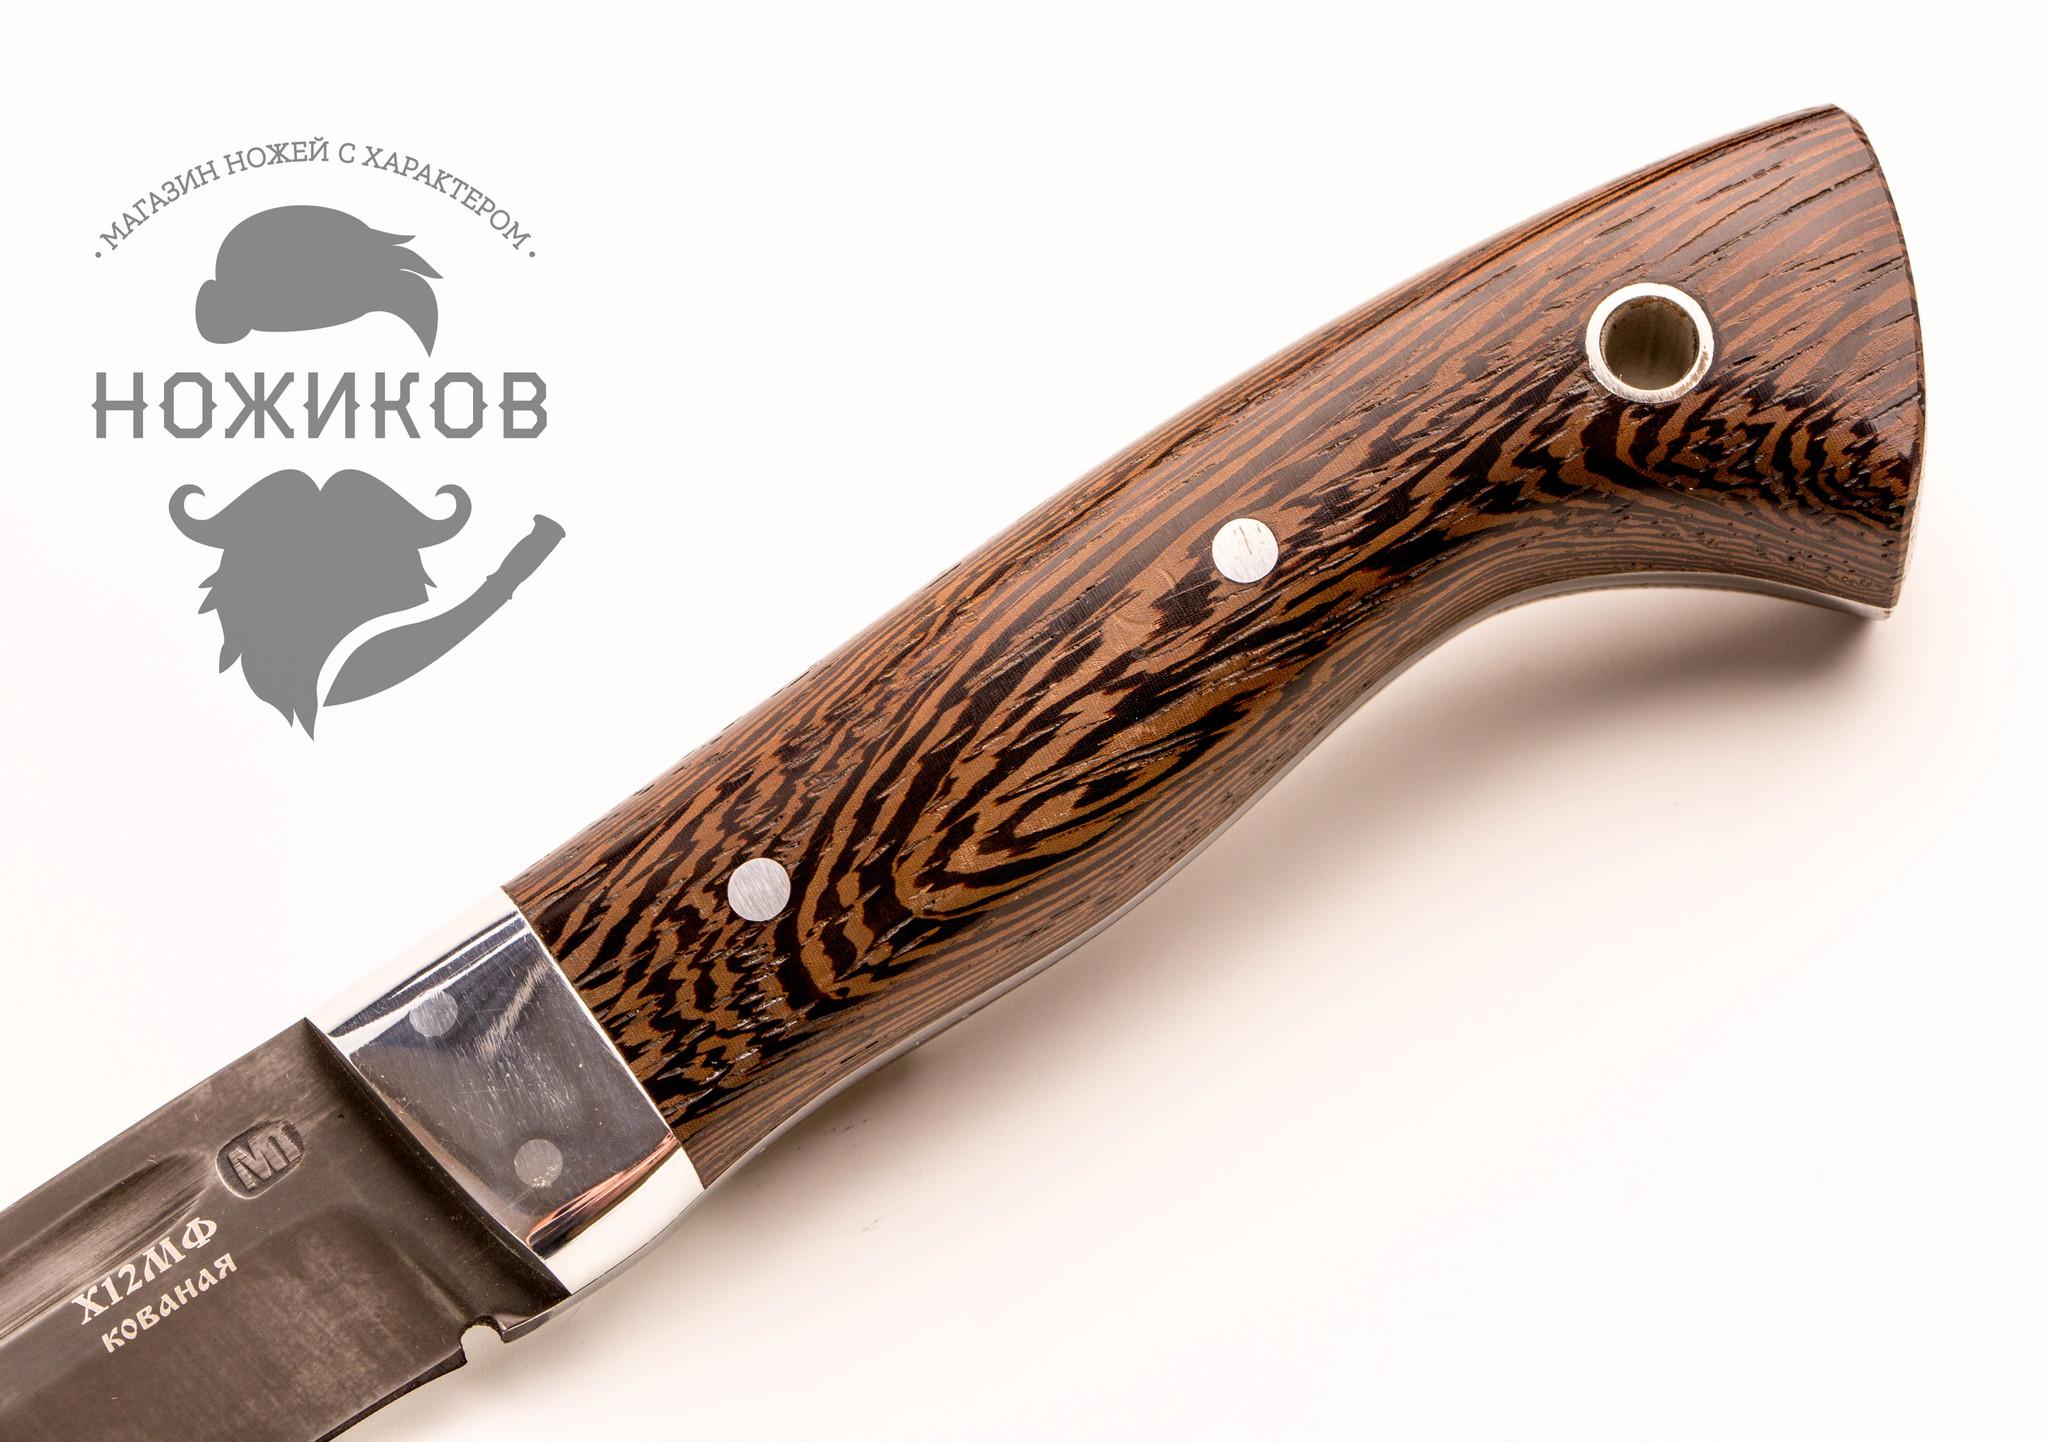 Фото 6 - Нож МТ-7, цельнометаллический Х12МФ, венге, Ворсма